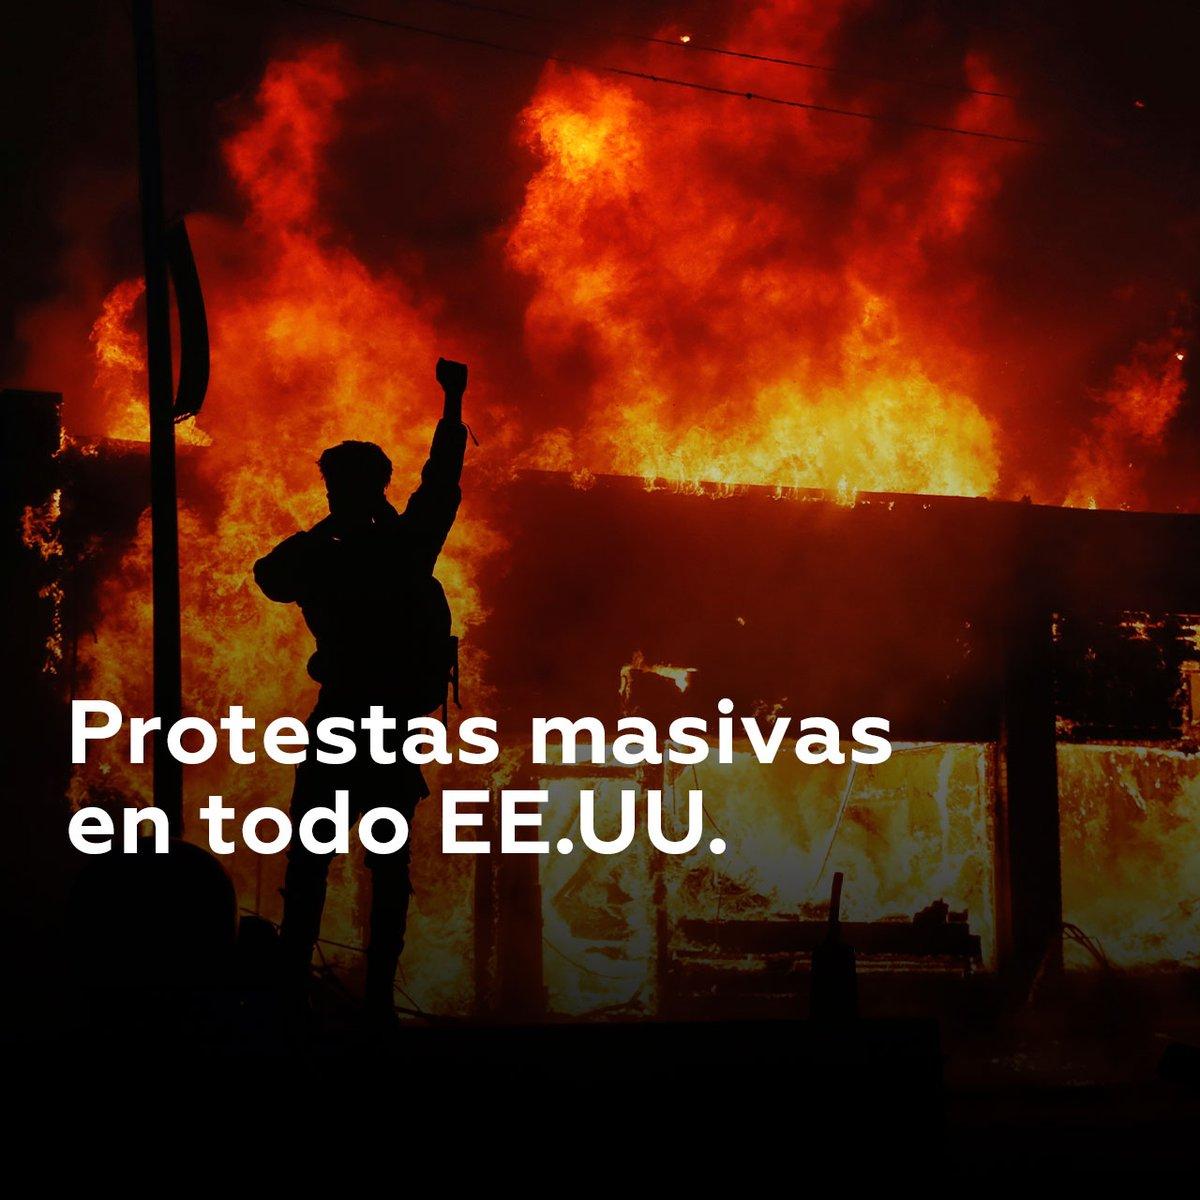 #EstadosUnidosDespertó 🆘️ después de que el abuso de la fuerza y el racismo de sus oficiales cobrara la vida de otro hermano. Estas ciudades se han unido a la causa #BlackLivesMatter #PLOMO19 @ElCuervoNica @DrSuazo915 @ChalecosAmarill